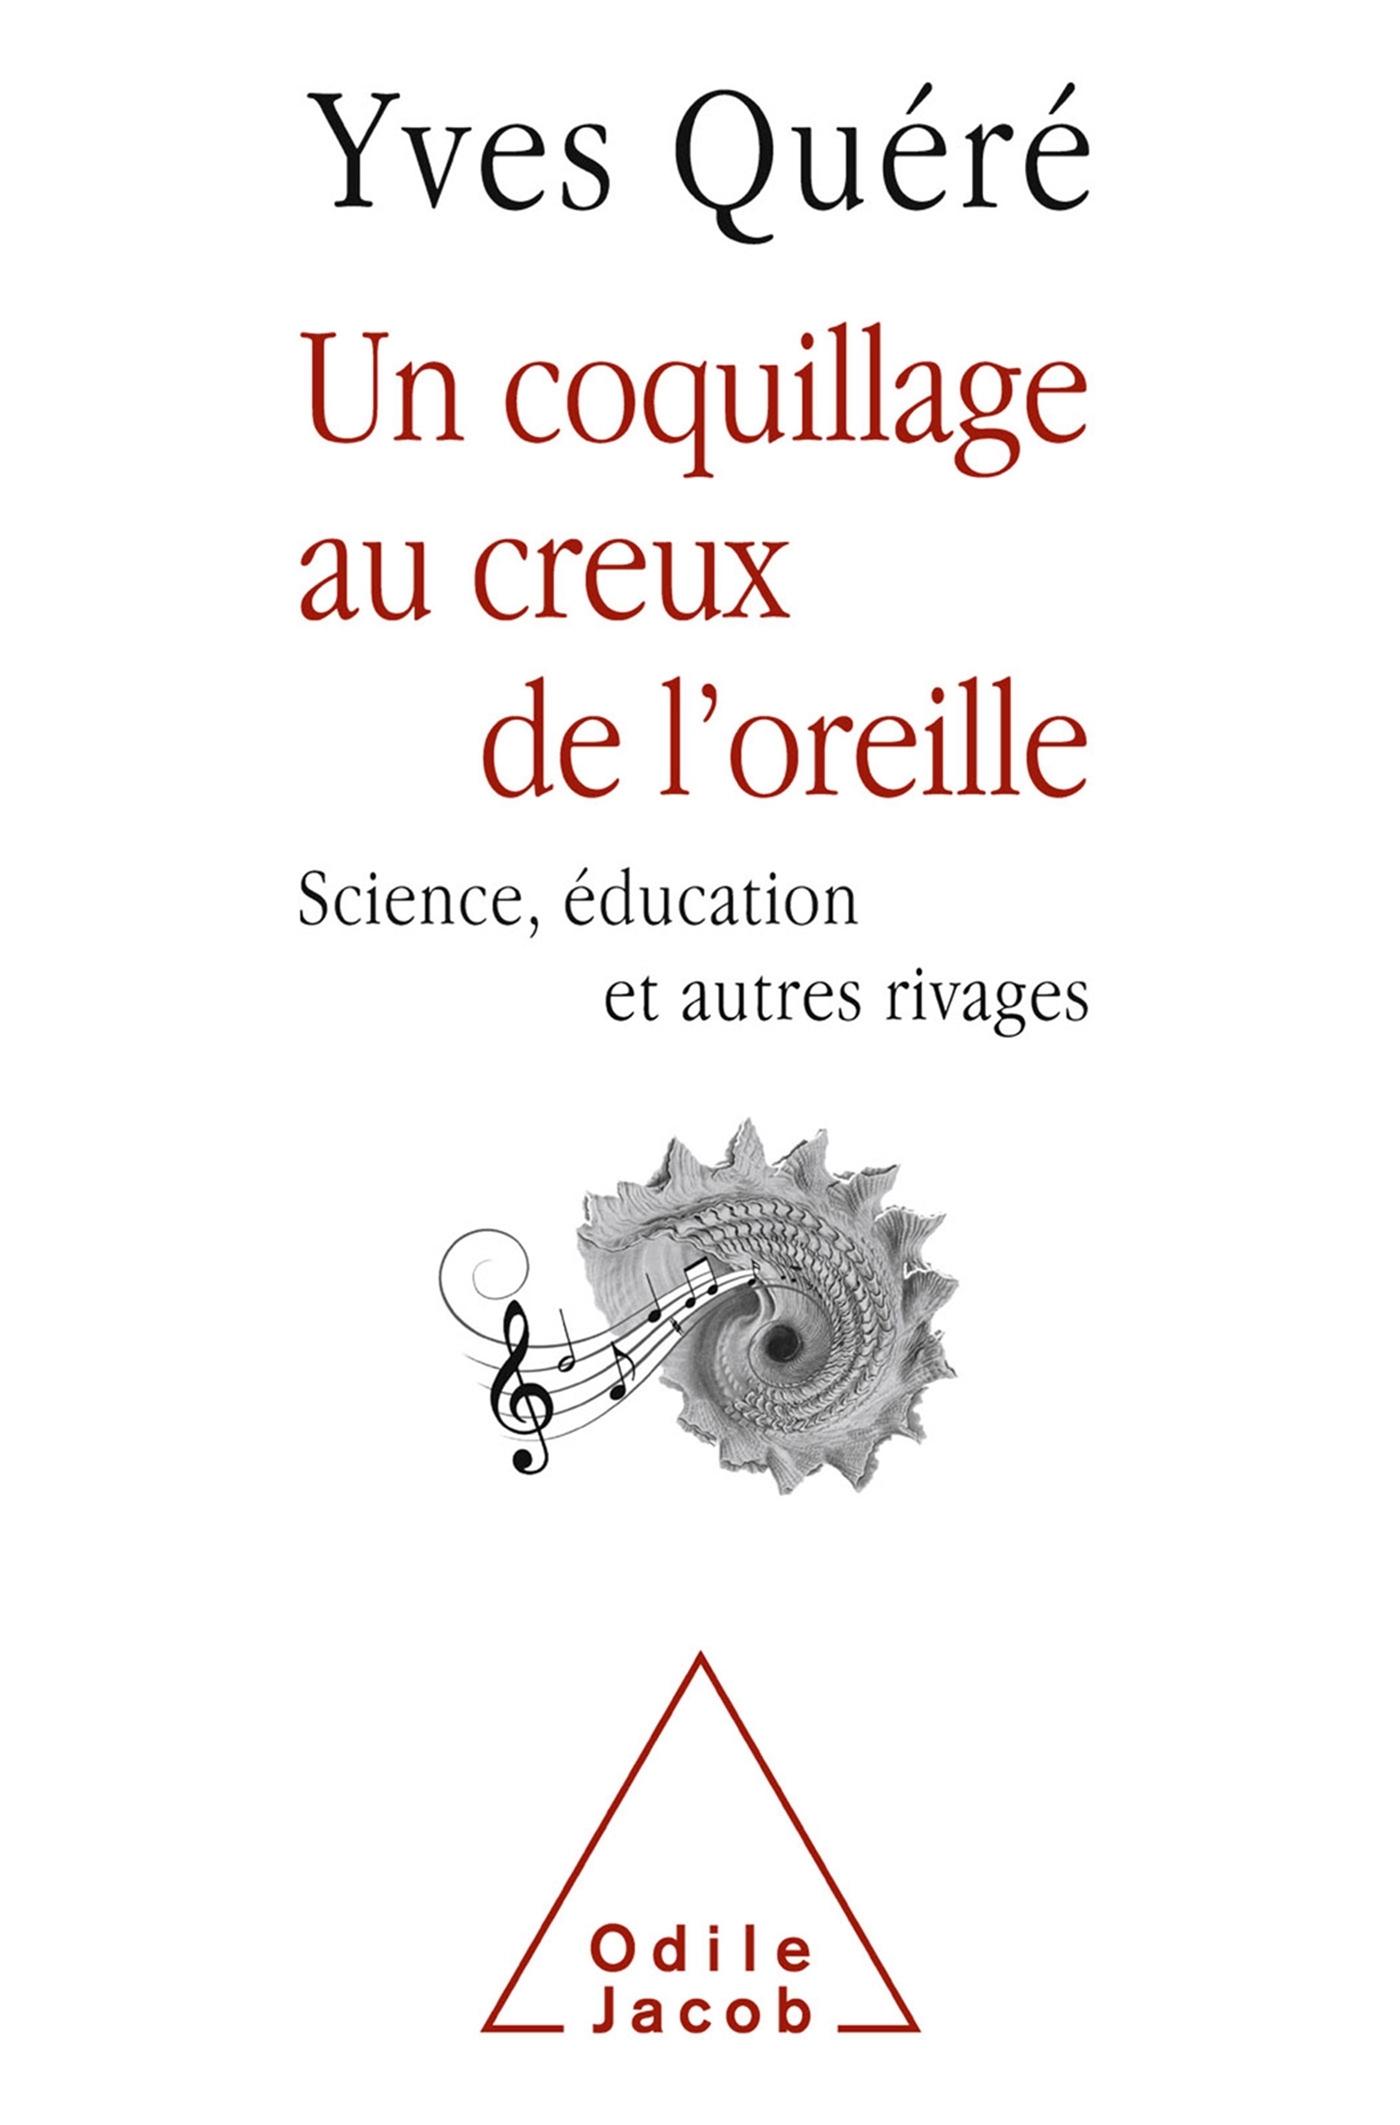 UN COQUILLAGE AU CREUX DE L'OREILLE